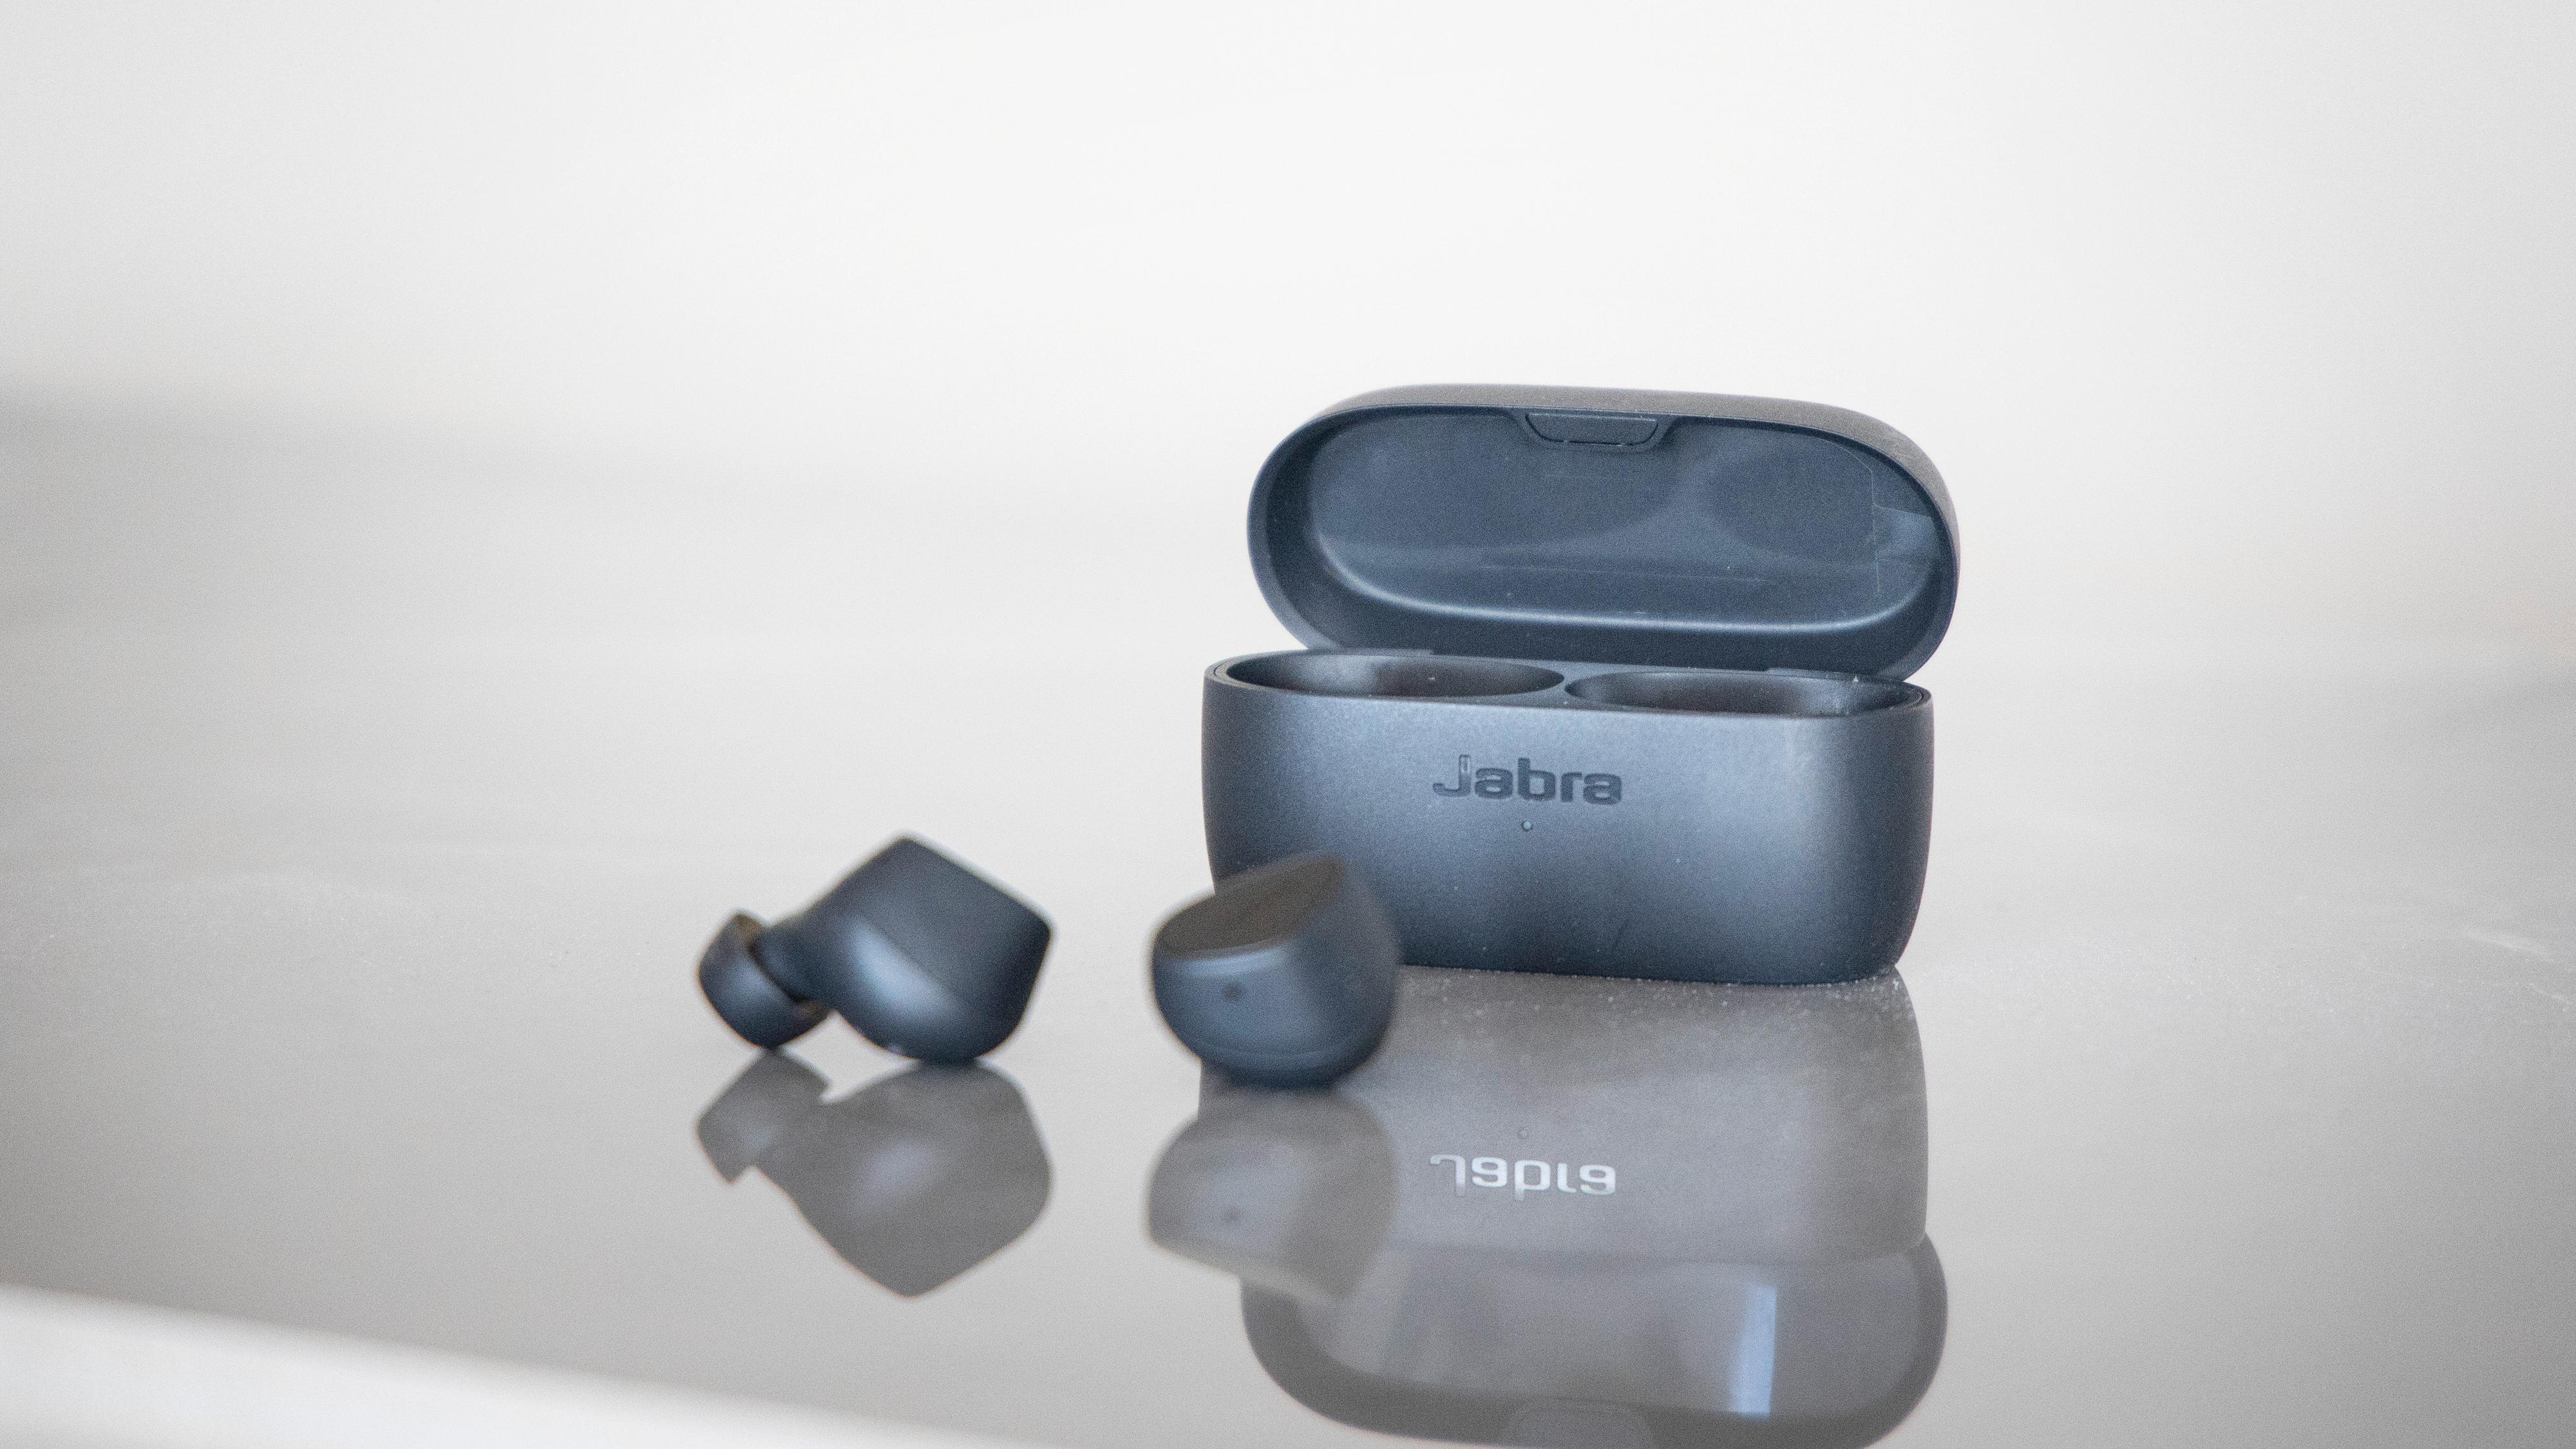 Jabra Elite 3 er Jabras nye og betydelig rimeligere par med true wireless-propper.